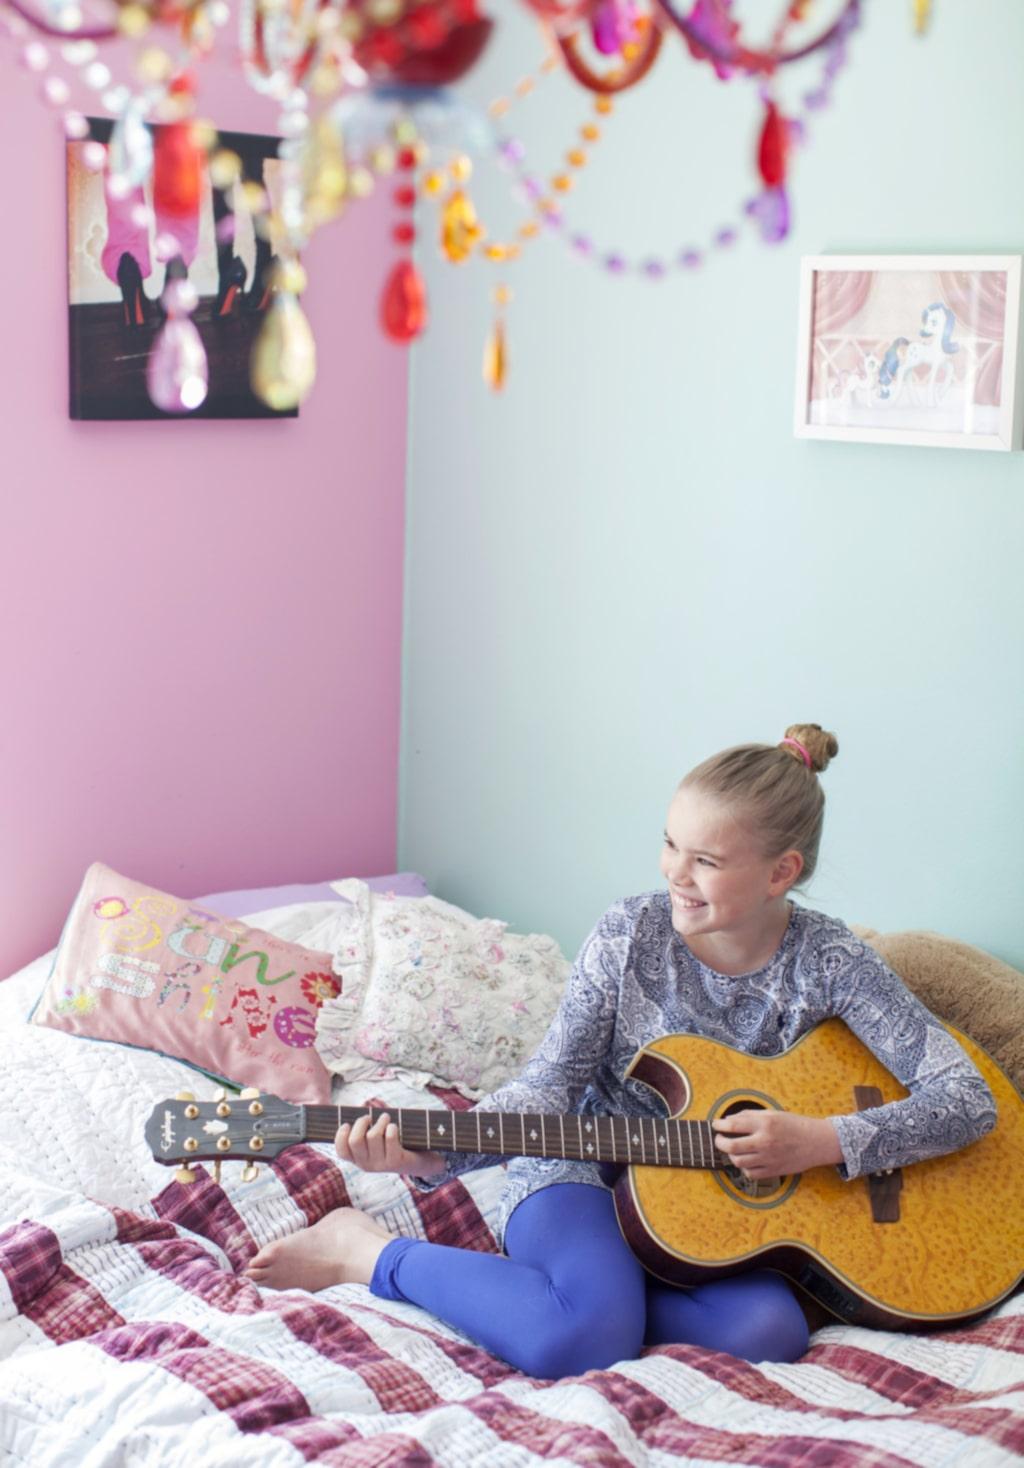 Musikalisk. Nova gillar att spela gitarr. Musik är en stor del i familjens liv.